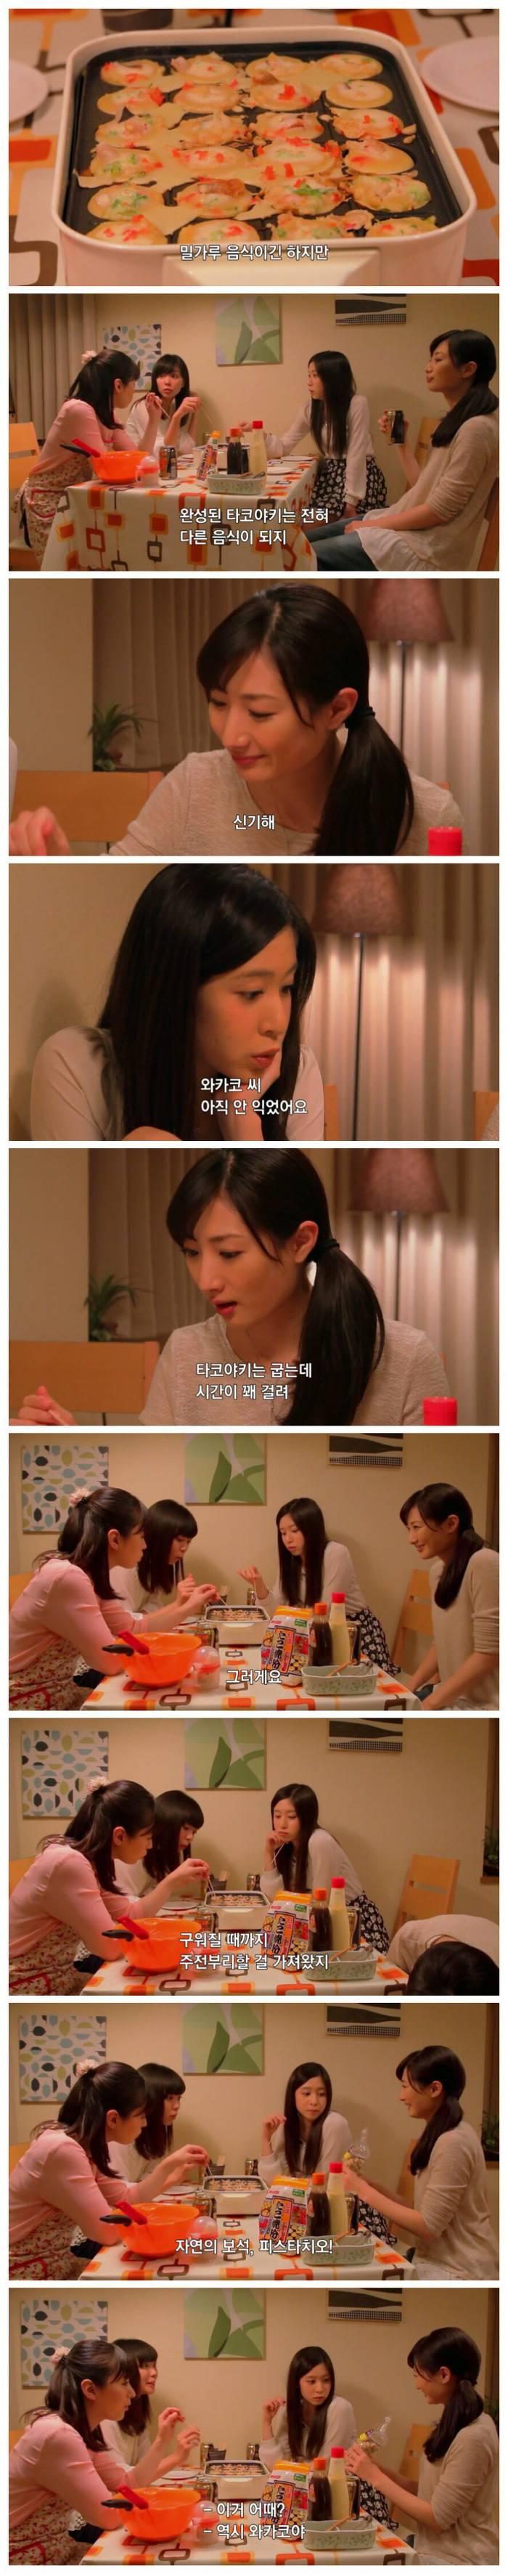 직장인이 퇴근 후 혼술하는 드라마 '와카코와 술' - 여자들의 모임 1 | 인스티즈